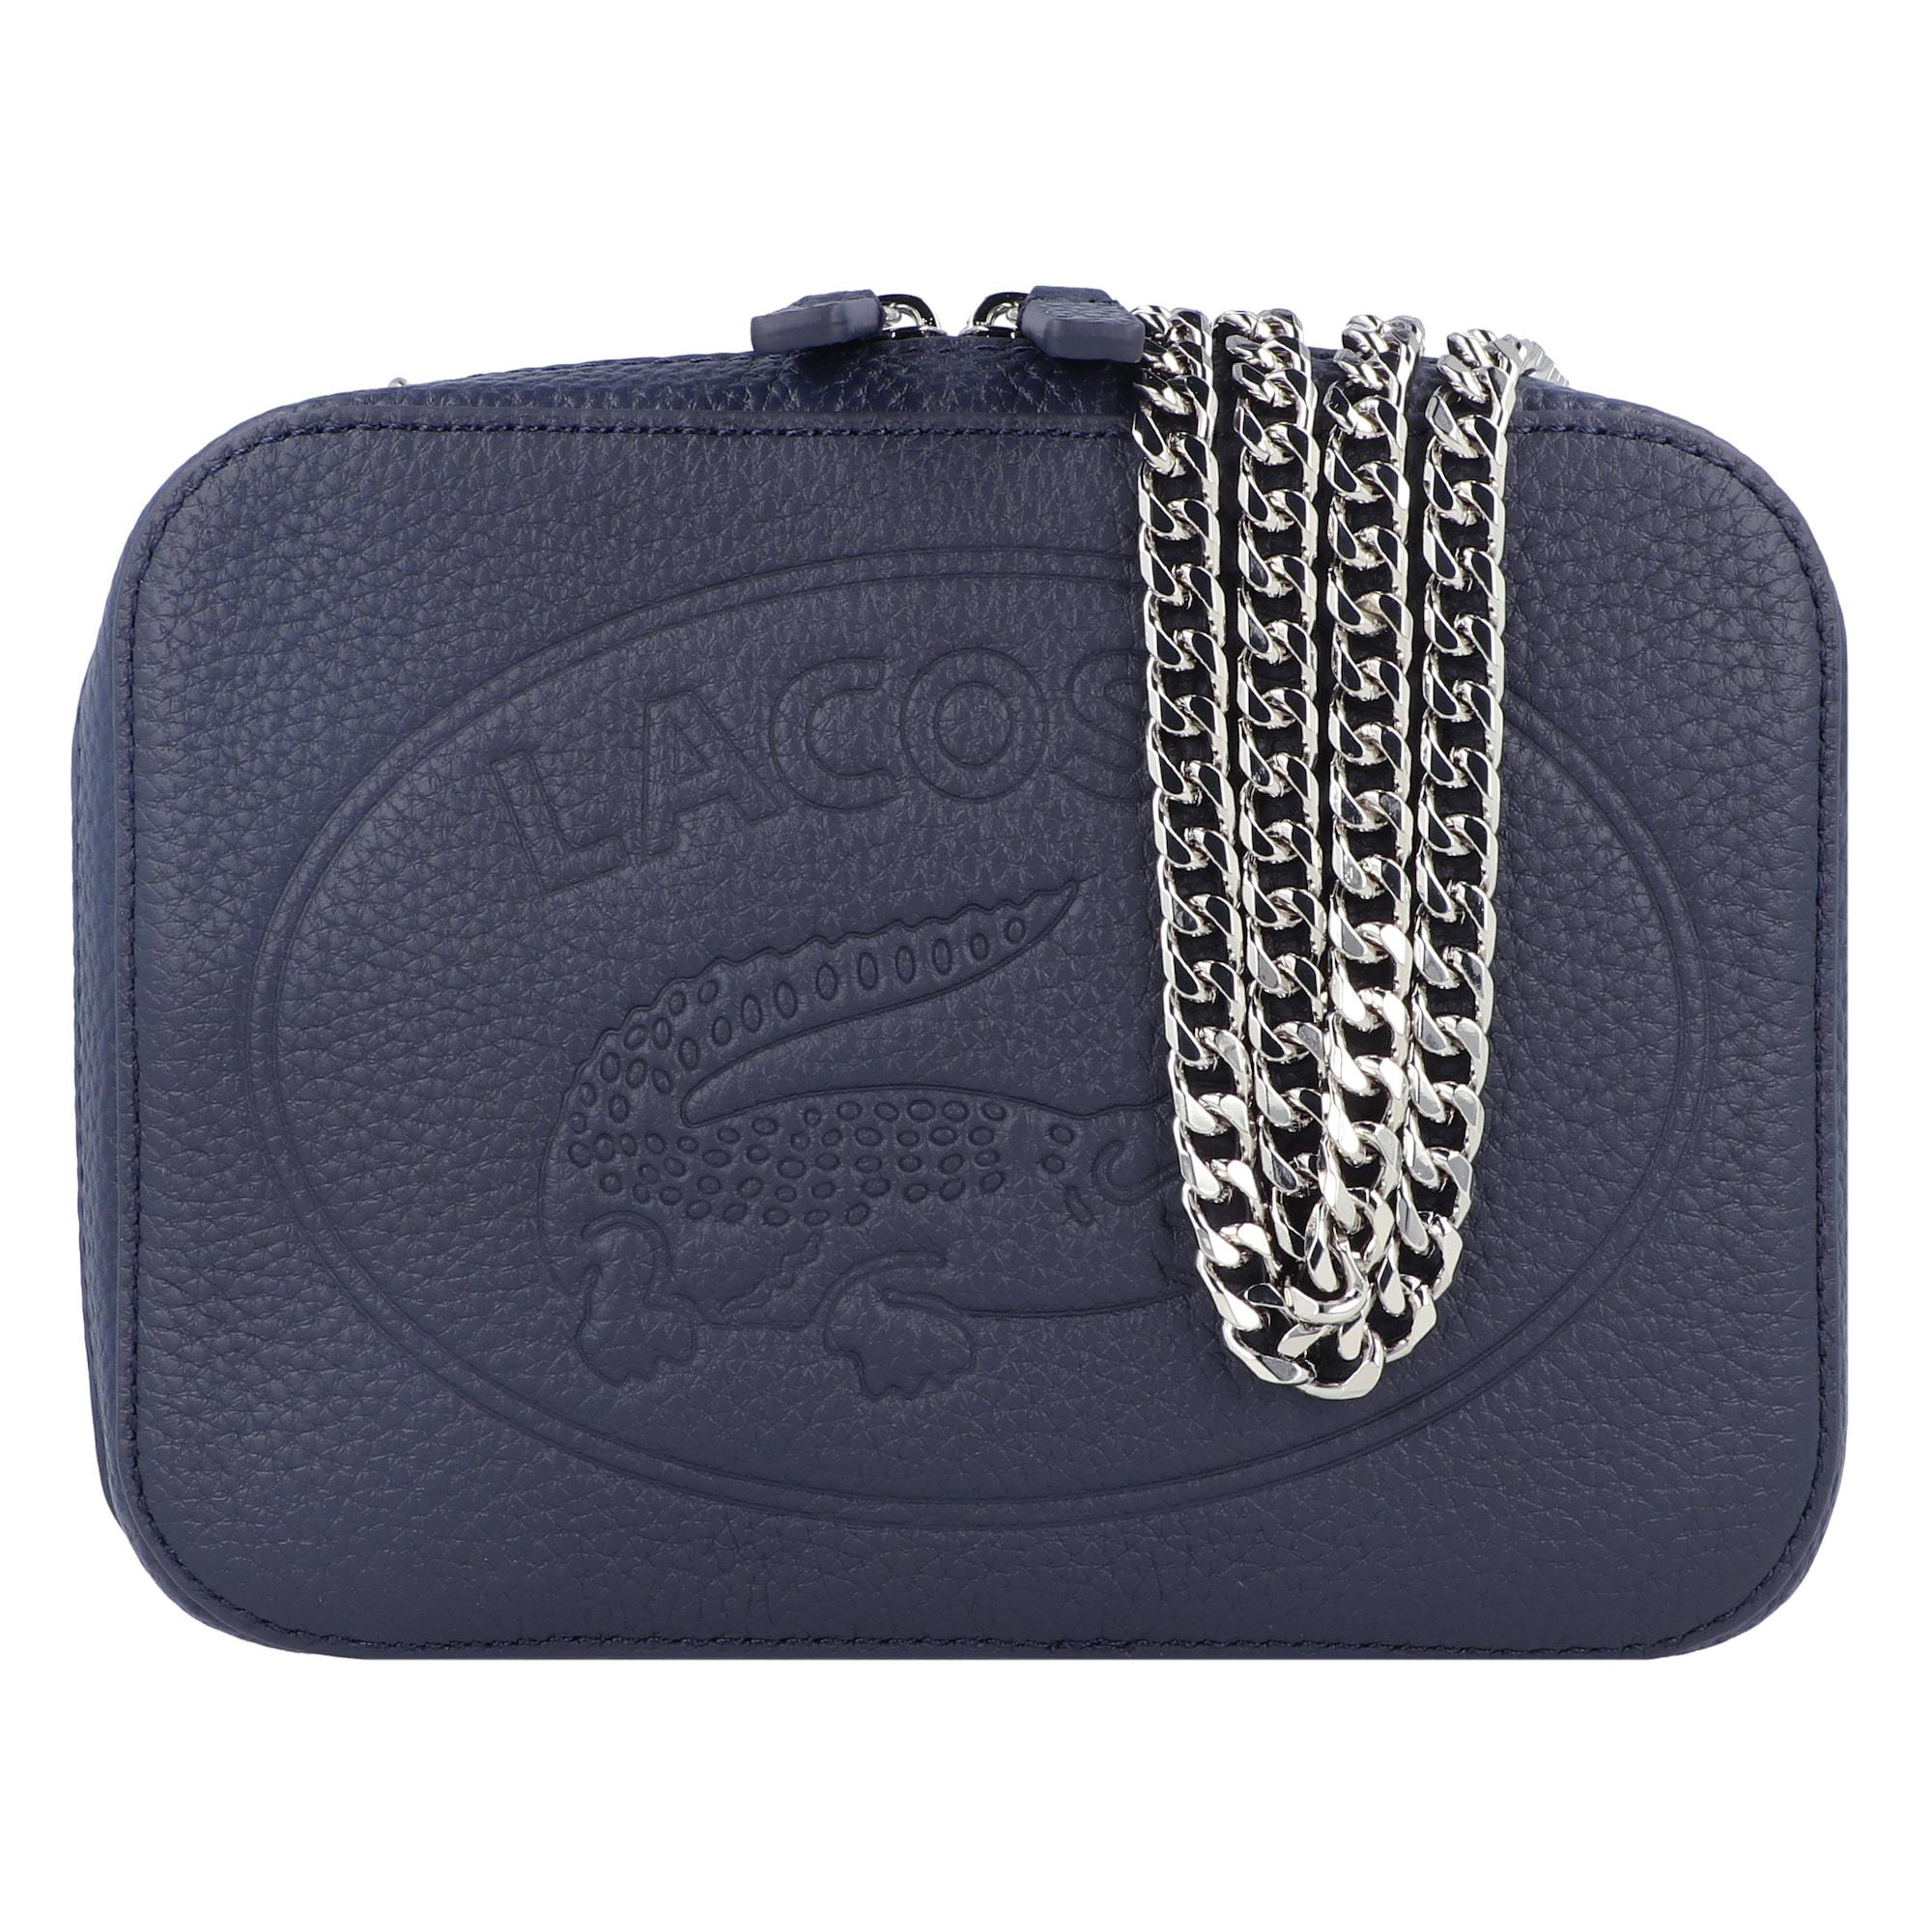 Umhängetasche 'Croco Crew' | Taschen > Handtaschen > Umhängetaschen | Lacoste